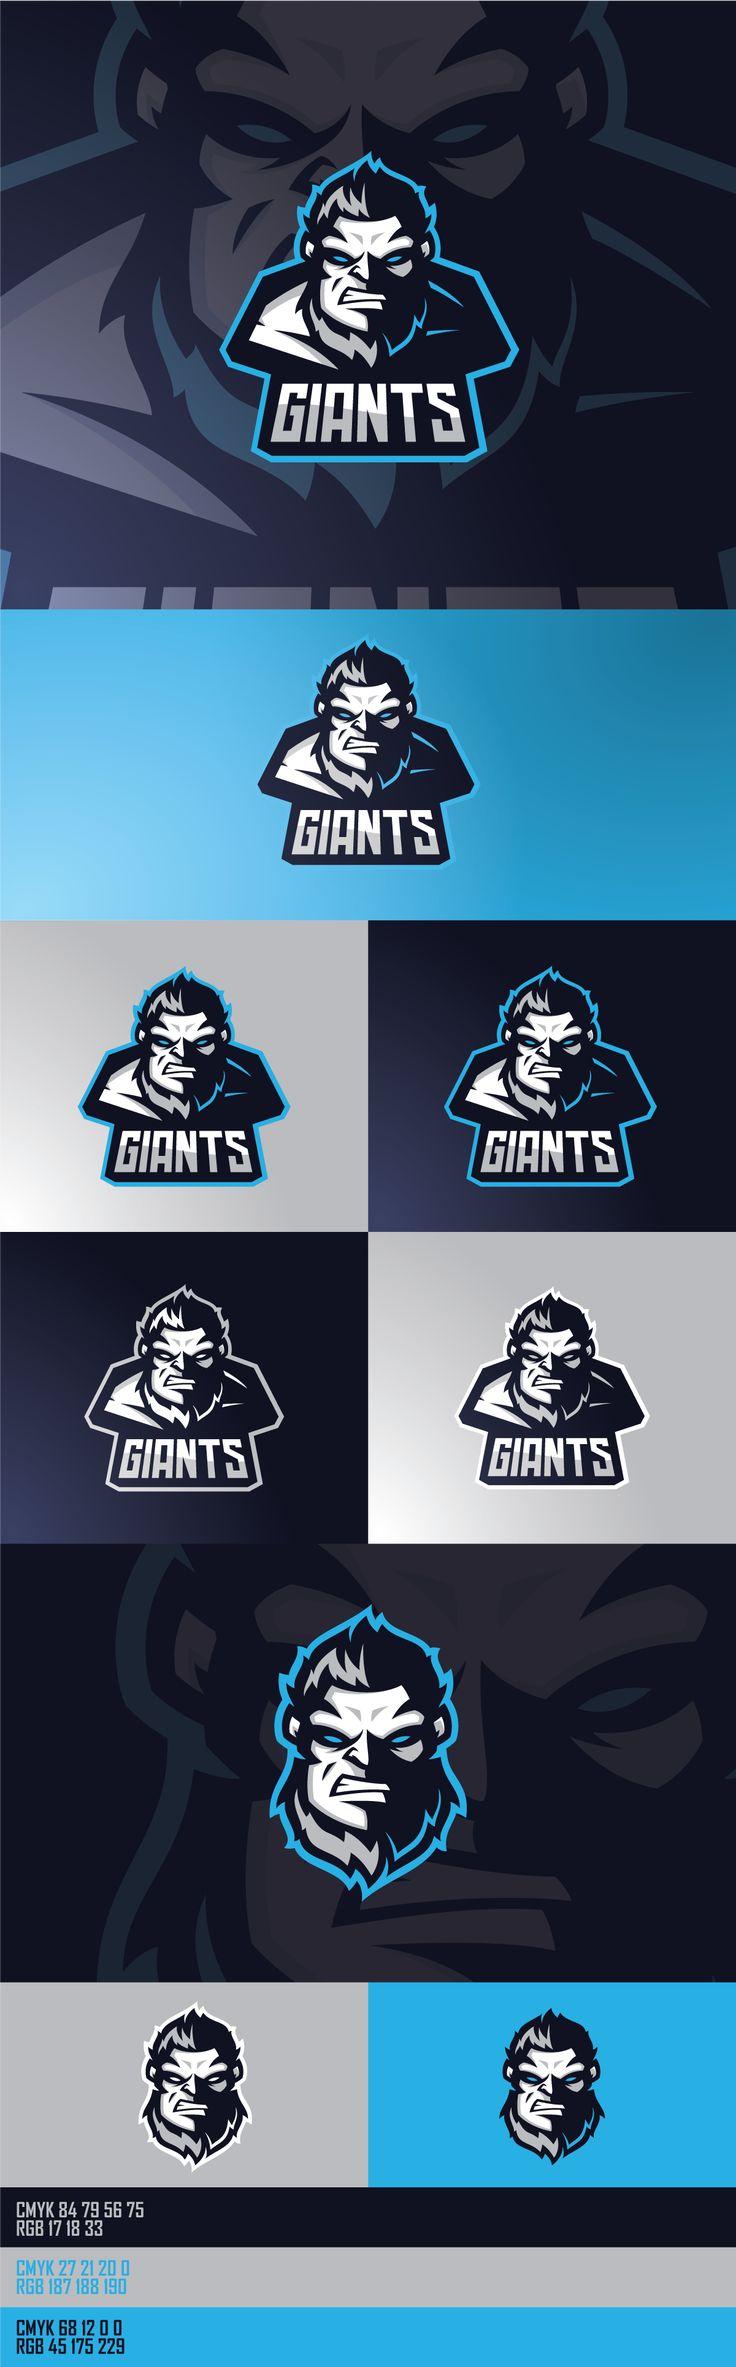 GIANTS on Behance